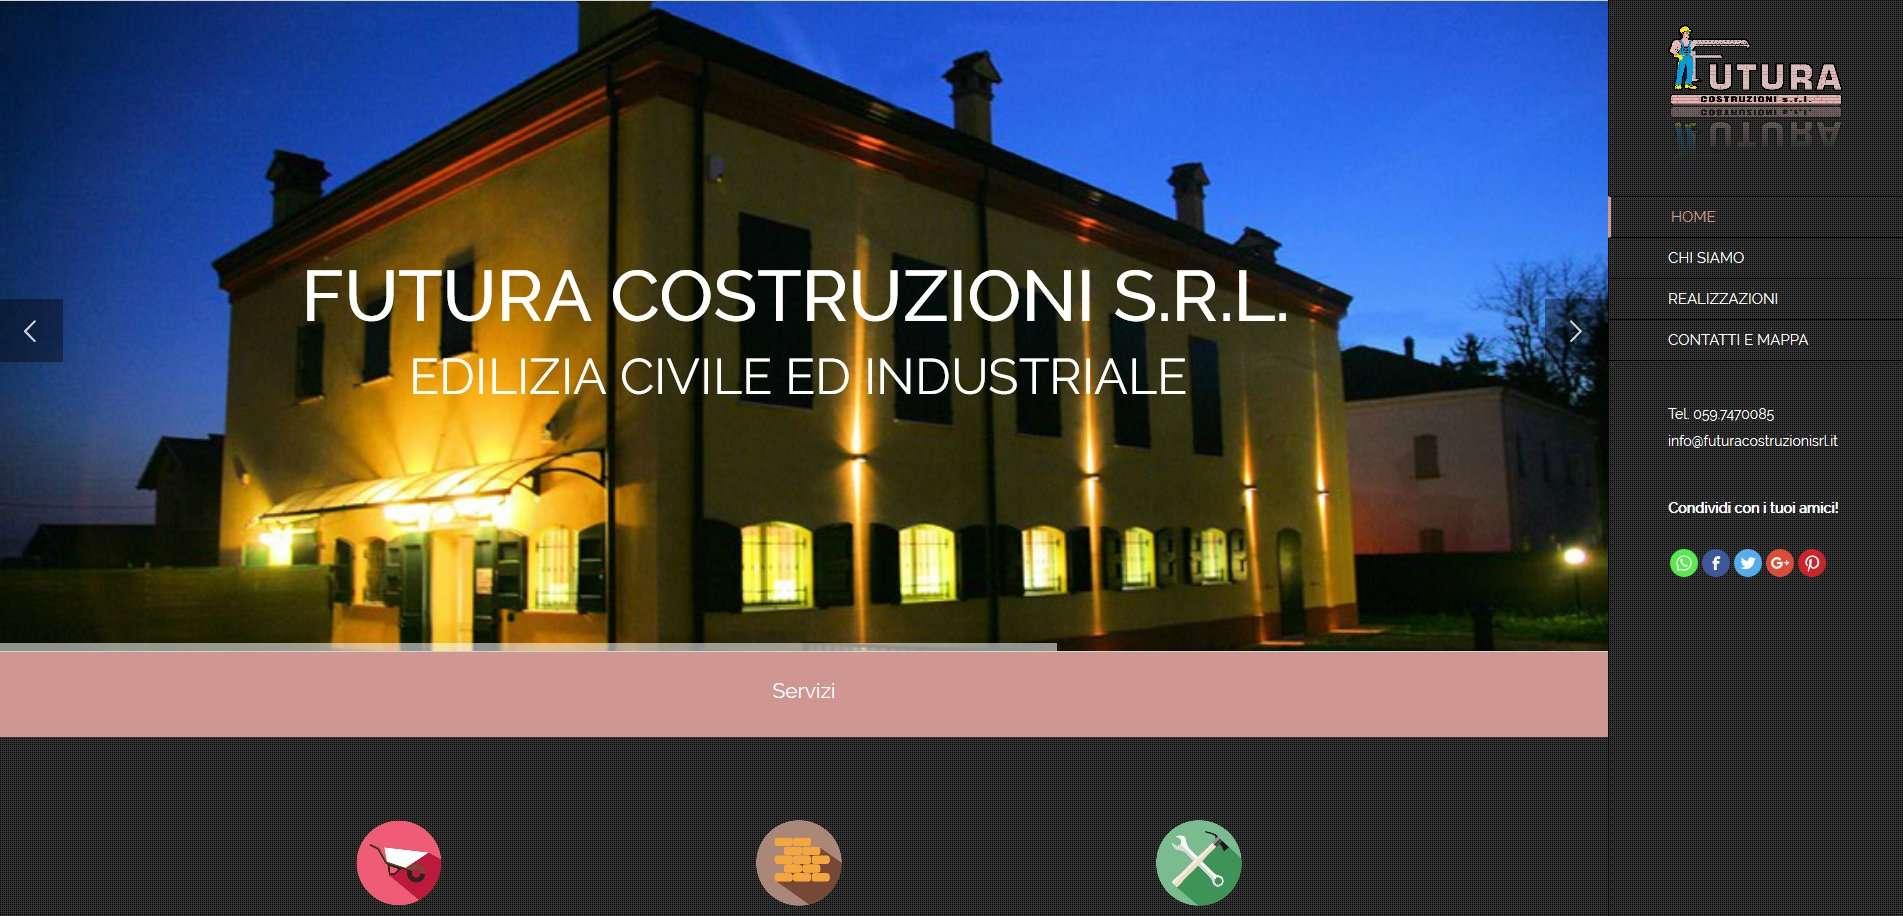 Futura_Costruzioni_edilizia_civile_e_industriale_-_Modena_-_2016-06-14_11.51.56